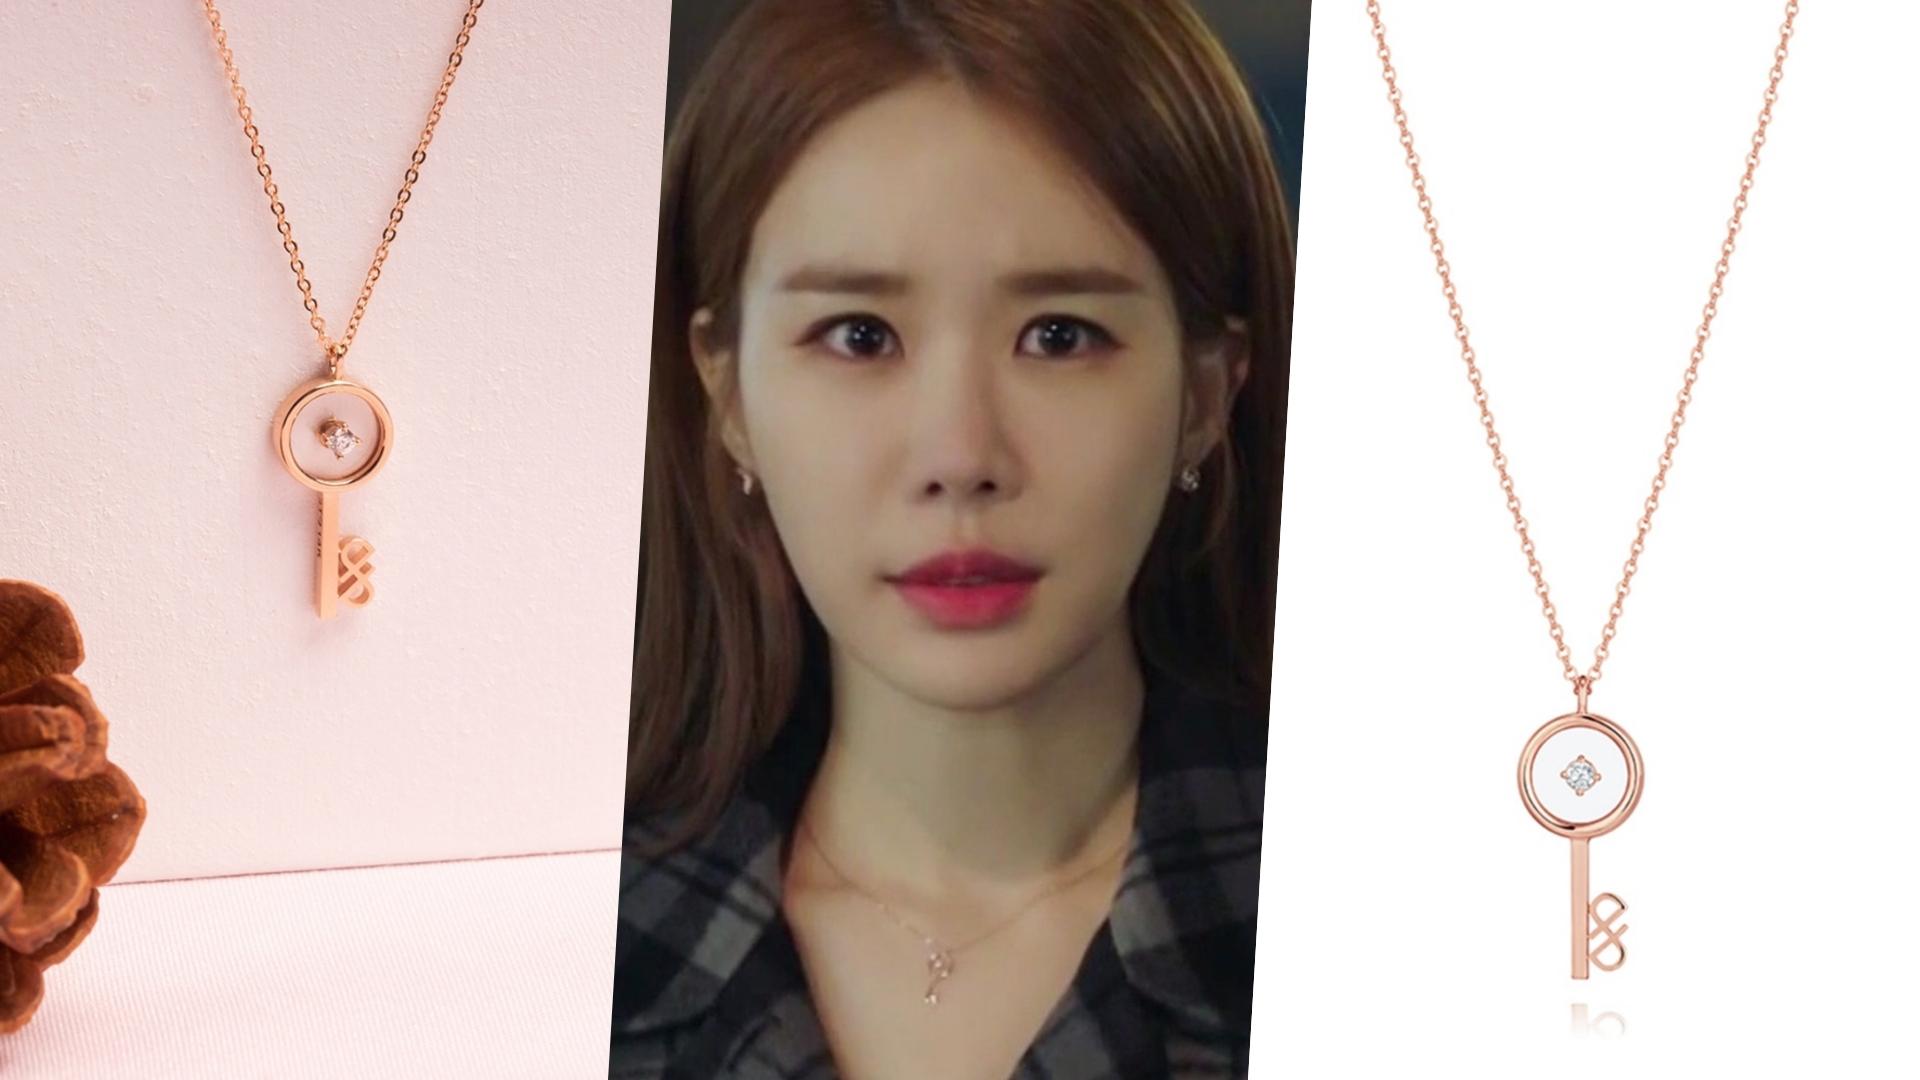 韓劇觸及真心劉仁娜同款,經典鎖匙造型設計,詮釋女性的典雅與柔美。